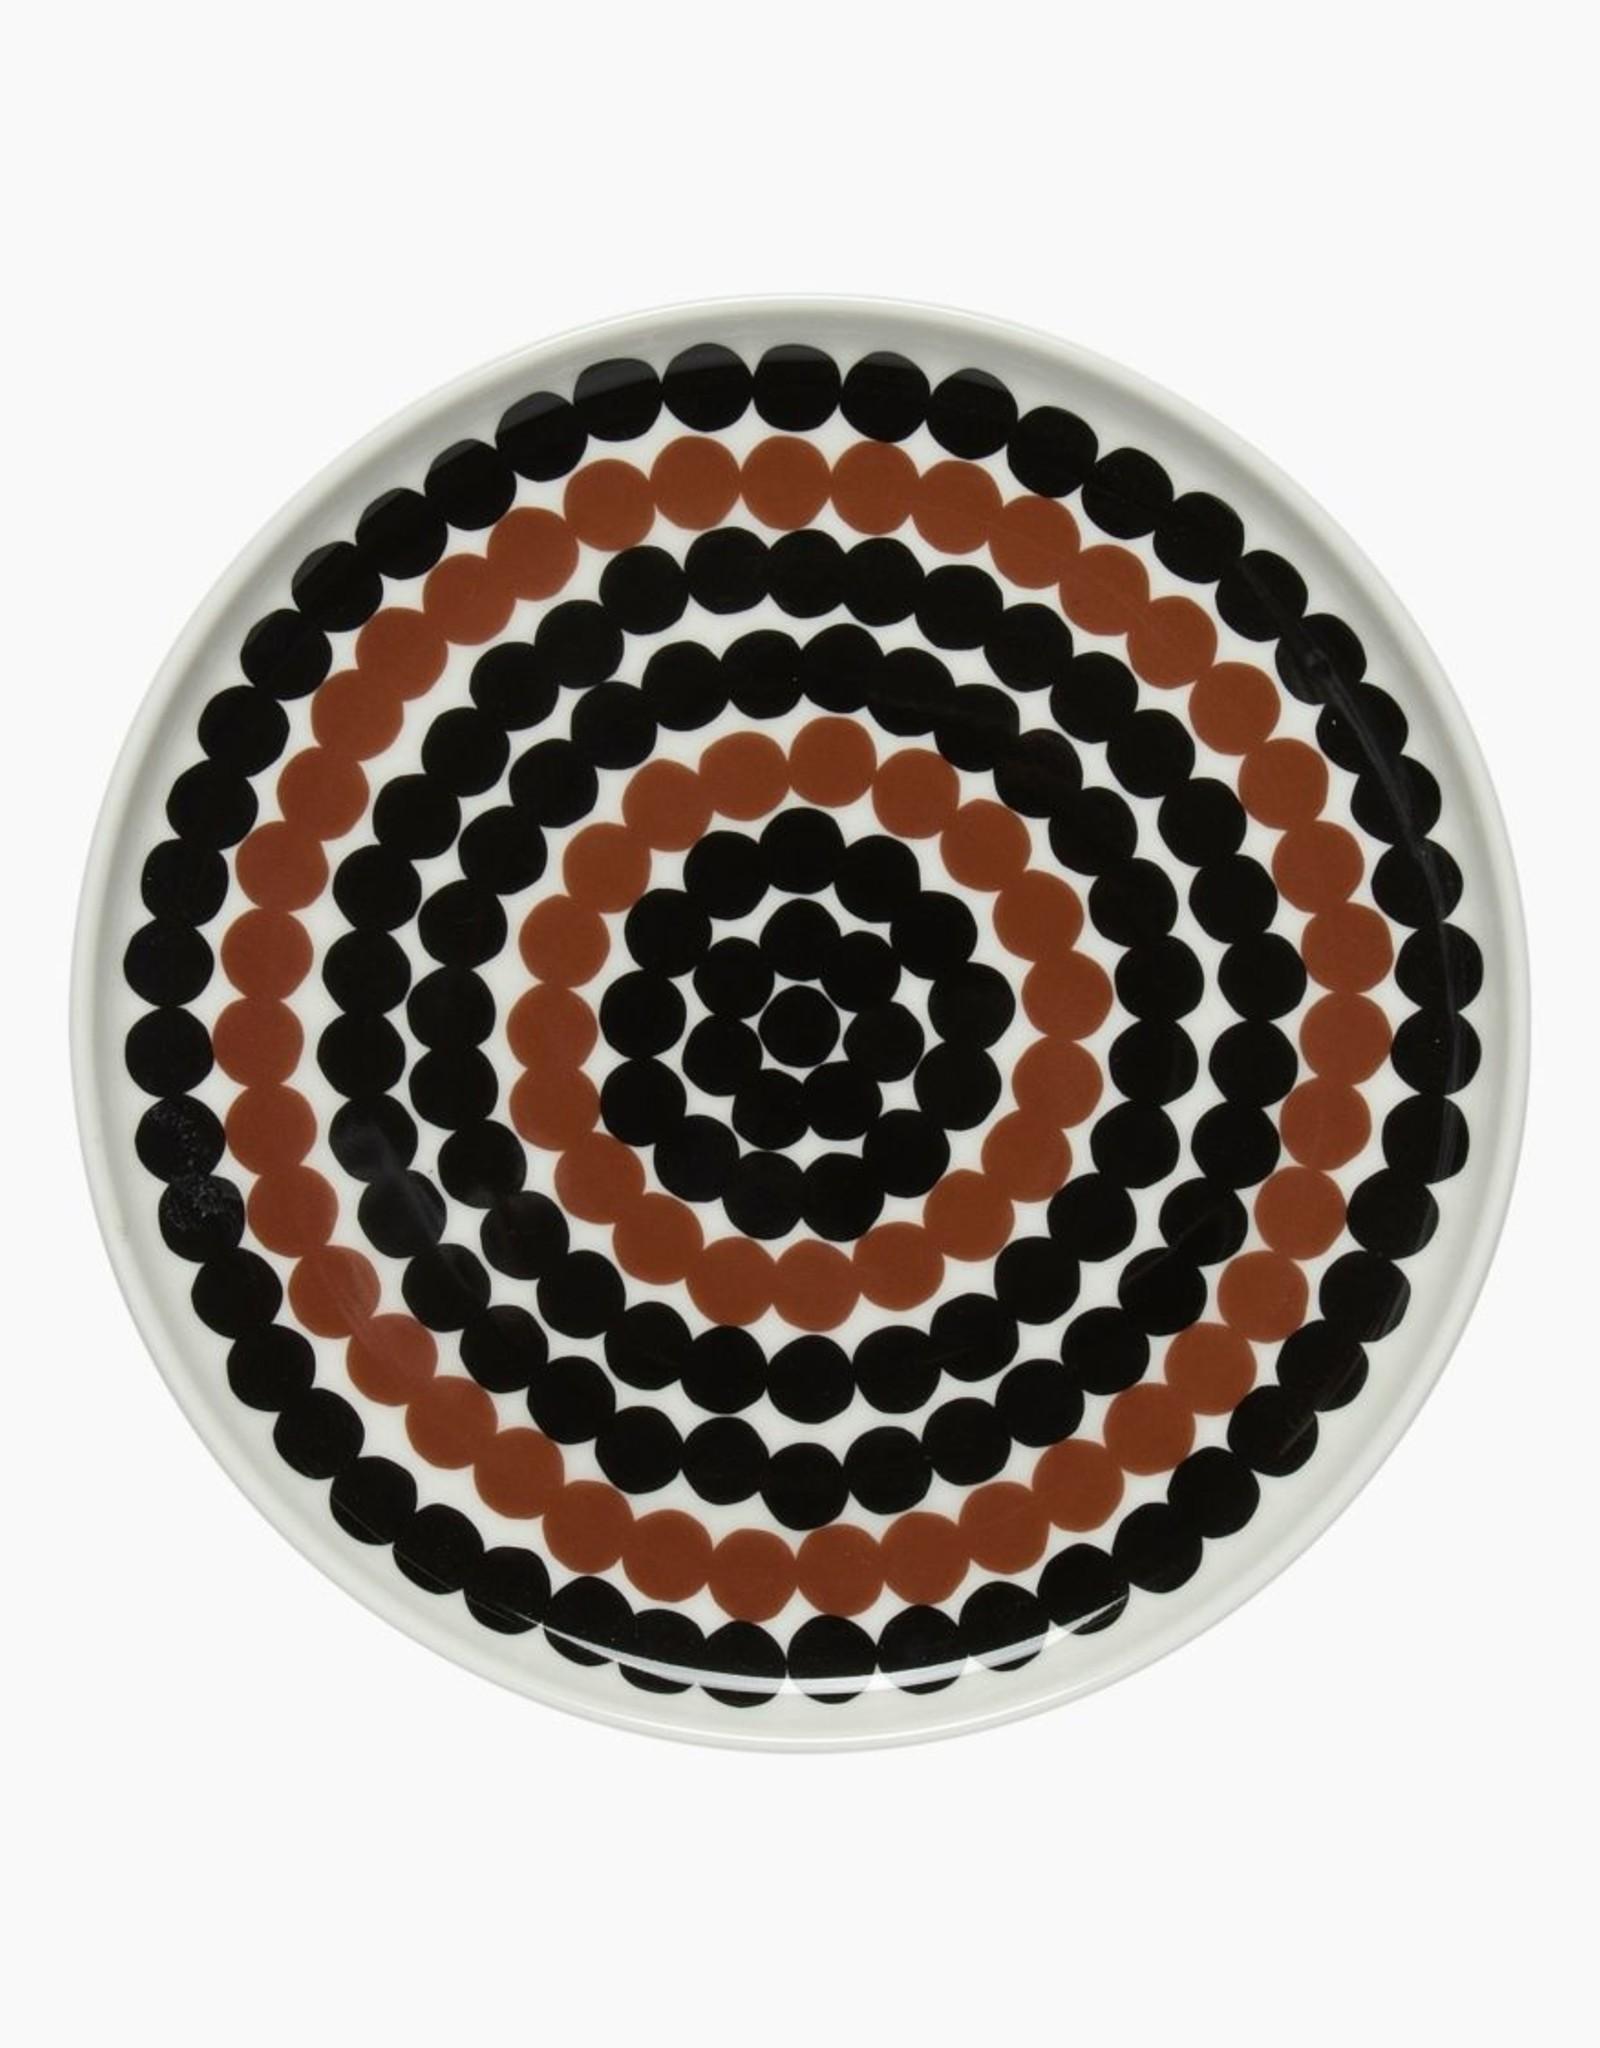 Marimekko Marimekko Siirtolapuutarha Bord 20cm Multicolor - Gestipt